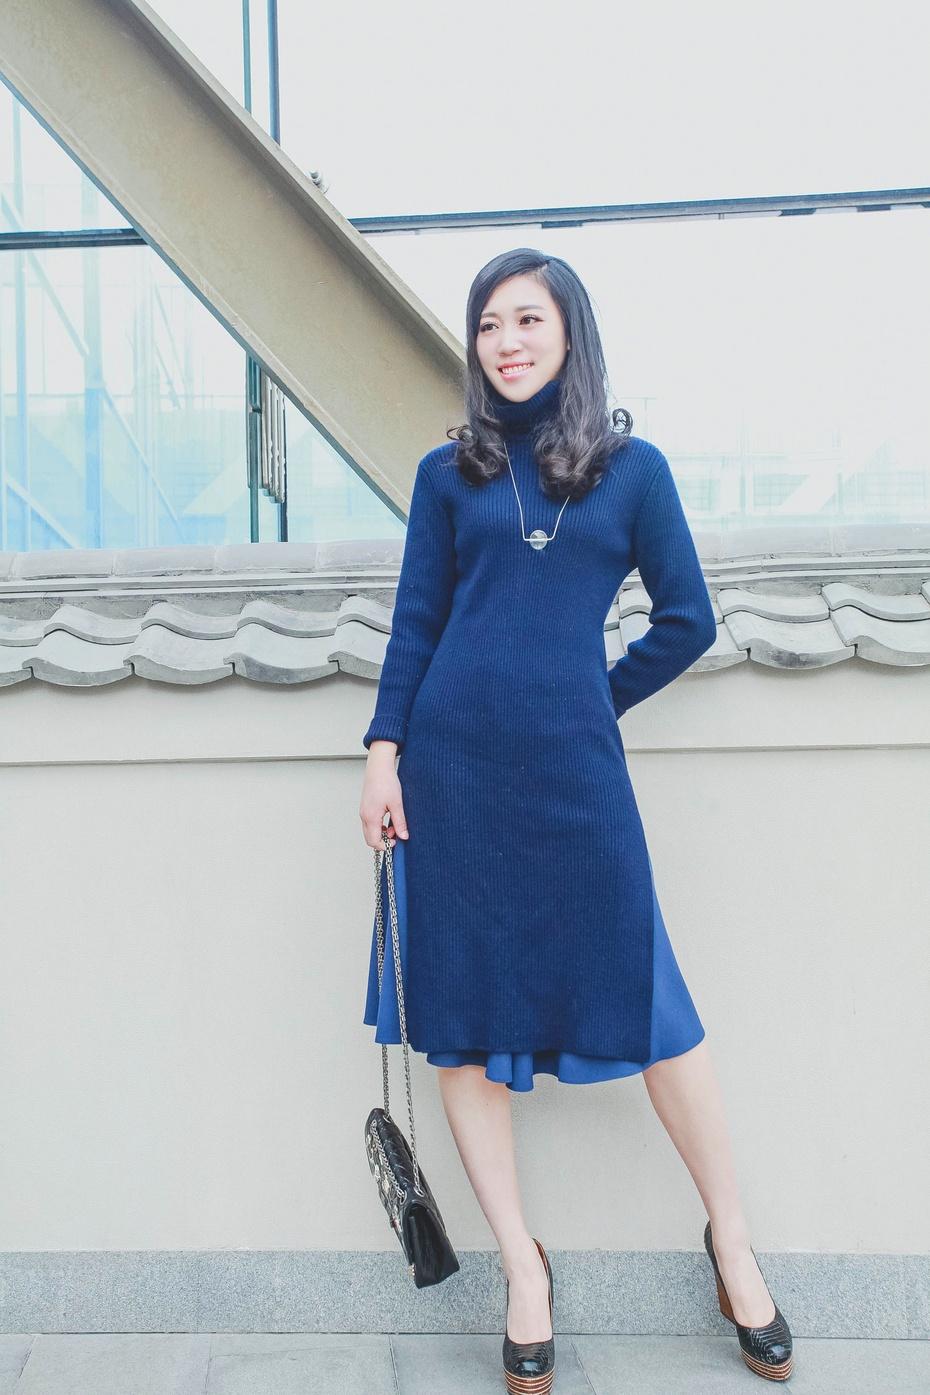 你敢跟谁比运气 - yushunshun - 鱼顺顺的博客